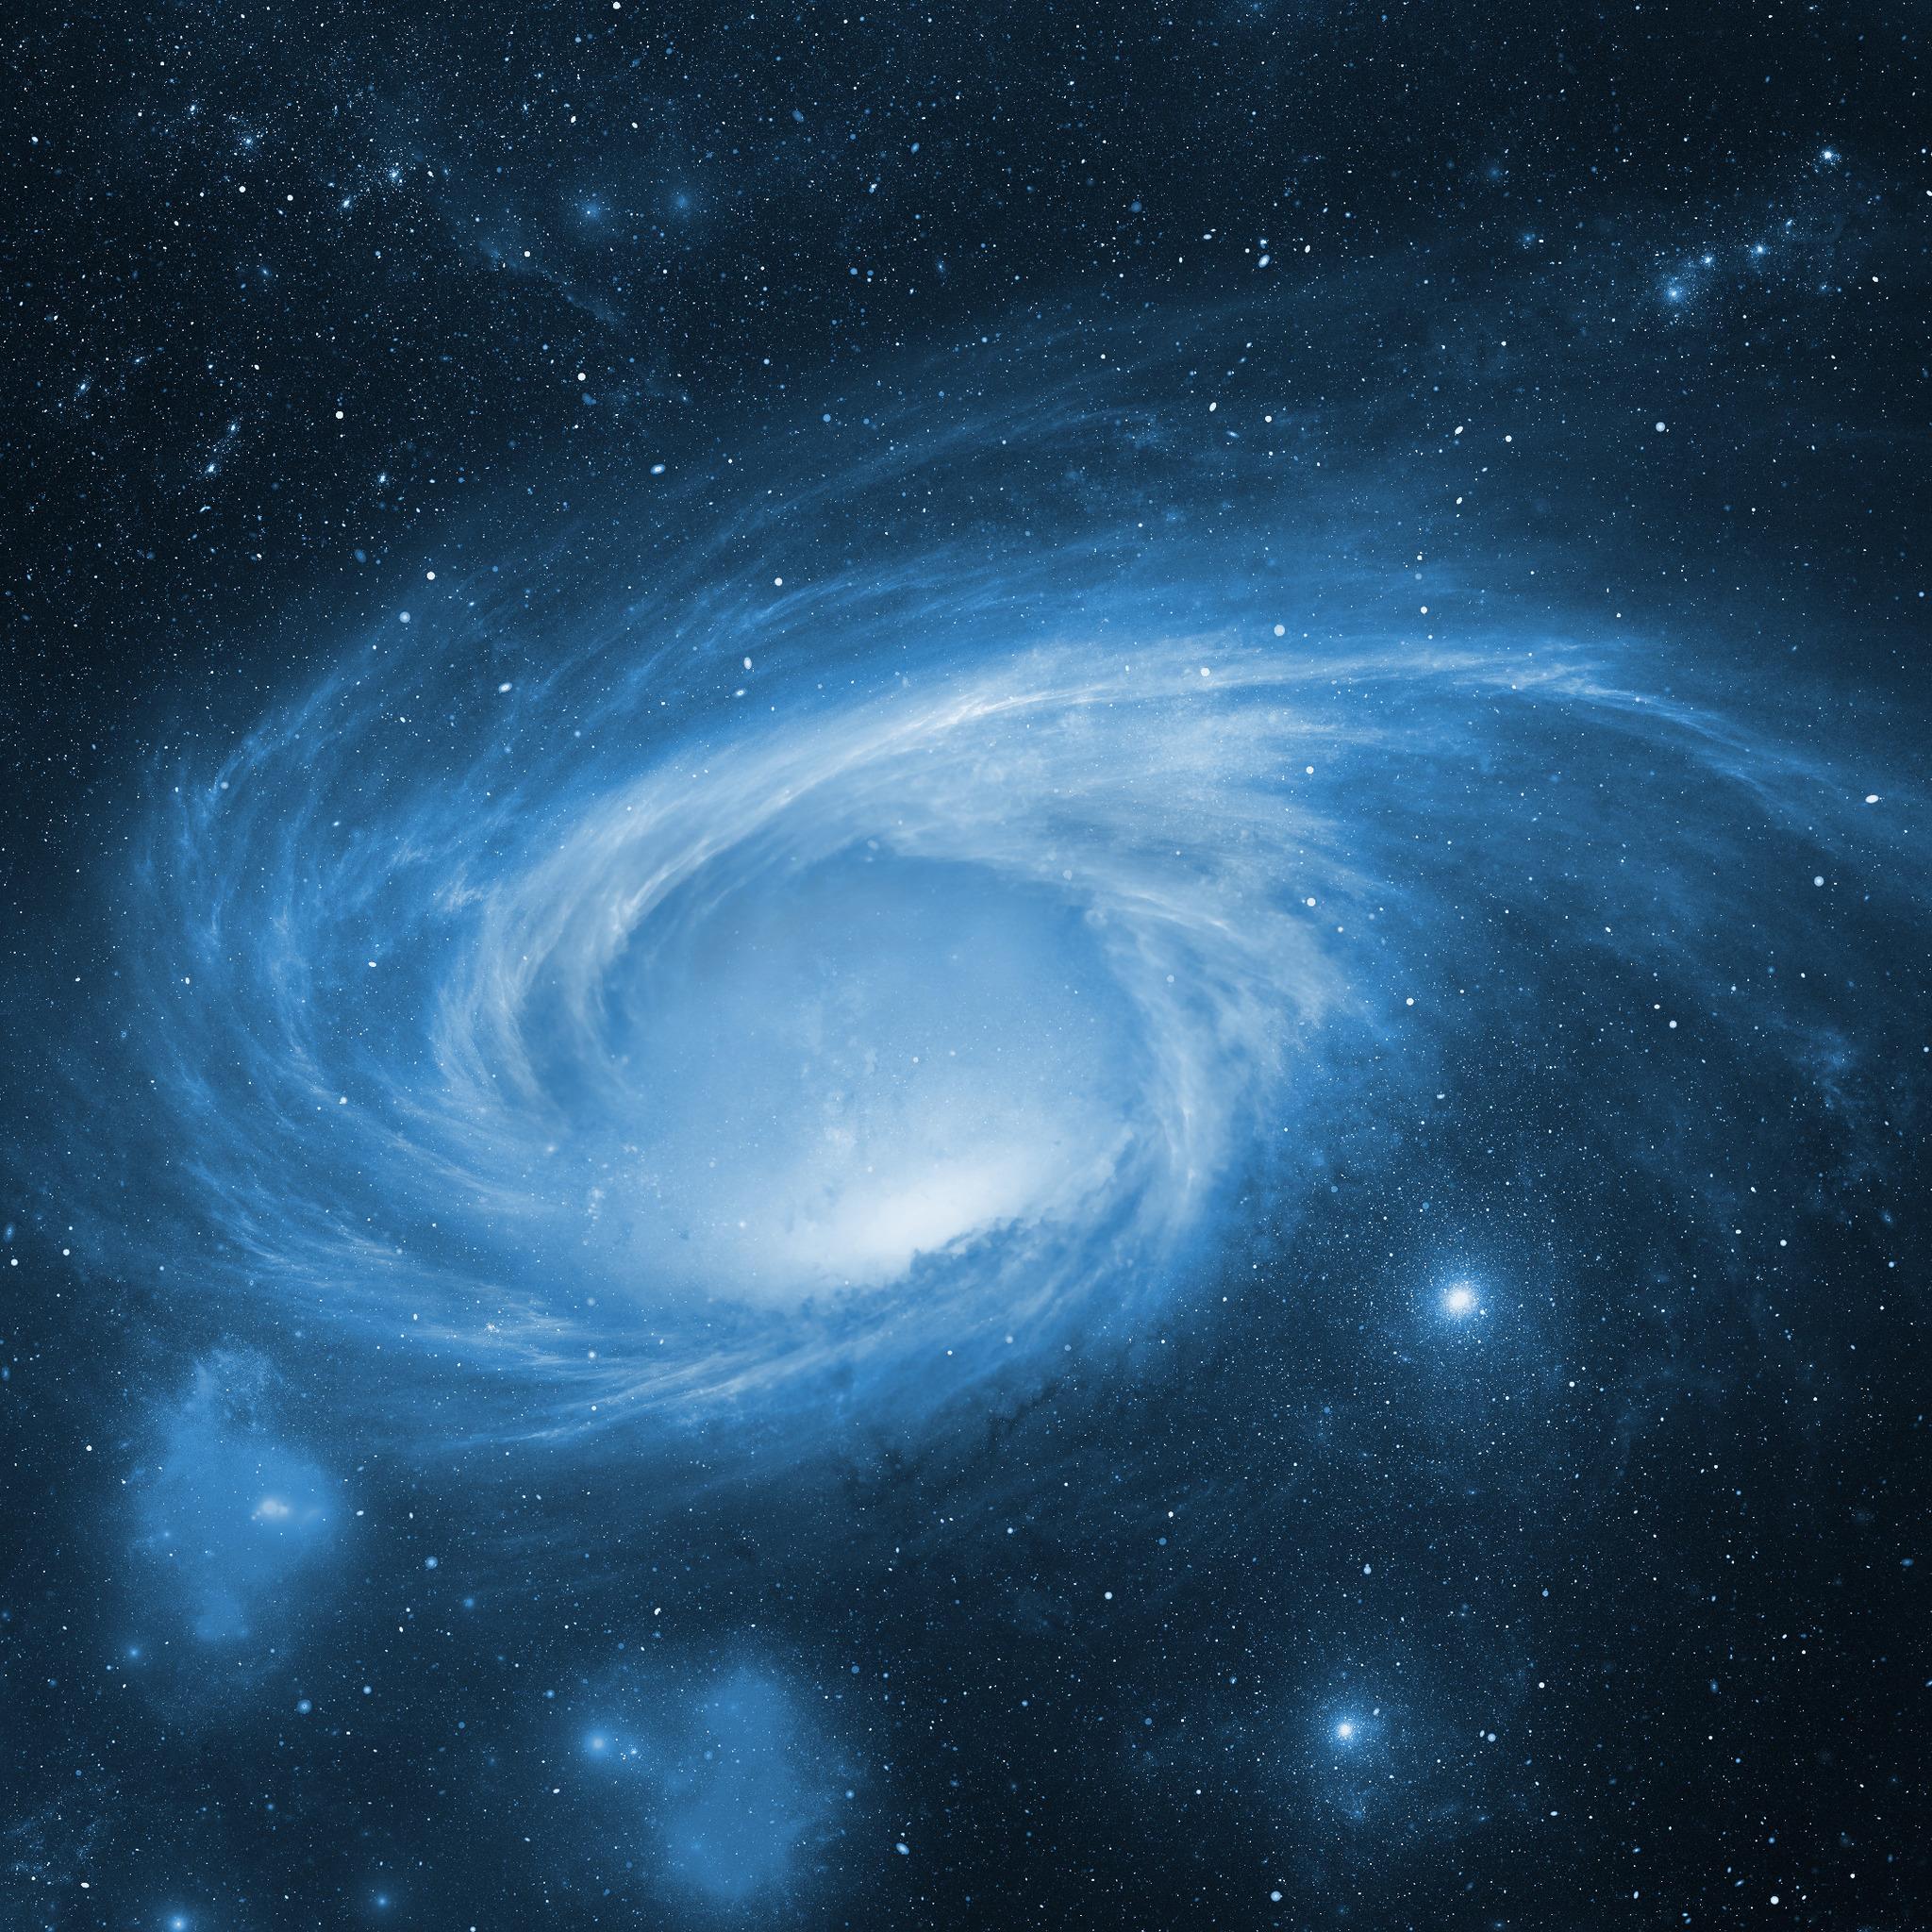 2048x2048 Space Storm Galaxy Blue 4k Ipad Air HD 4k ...